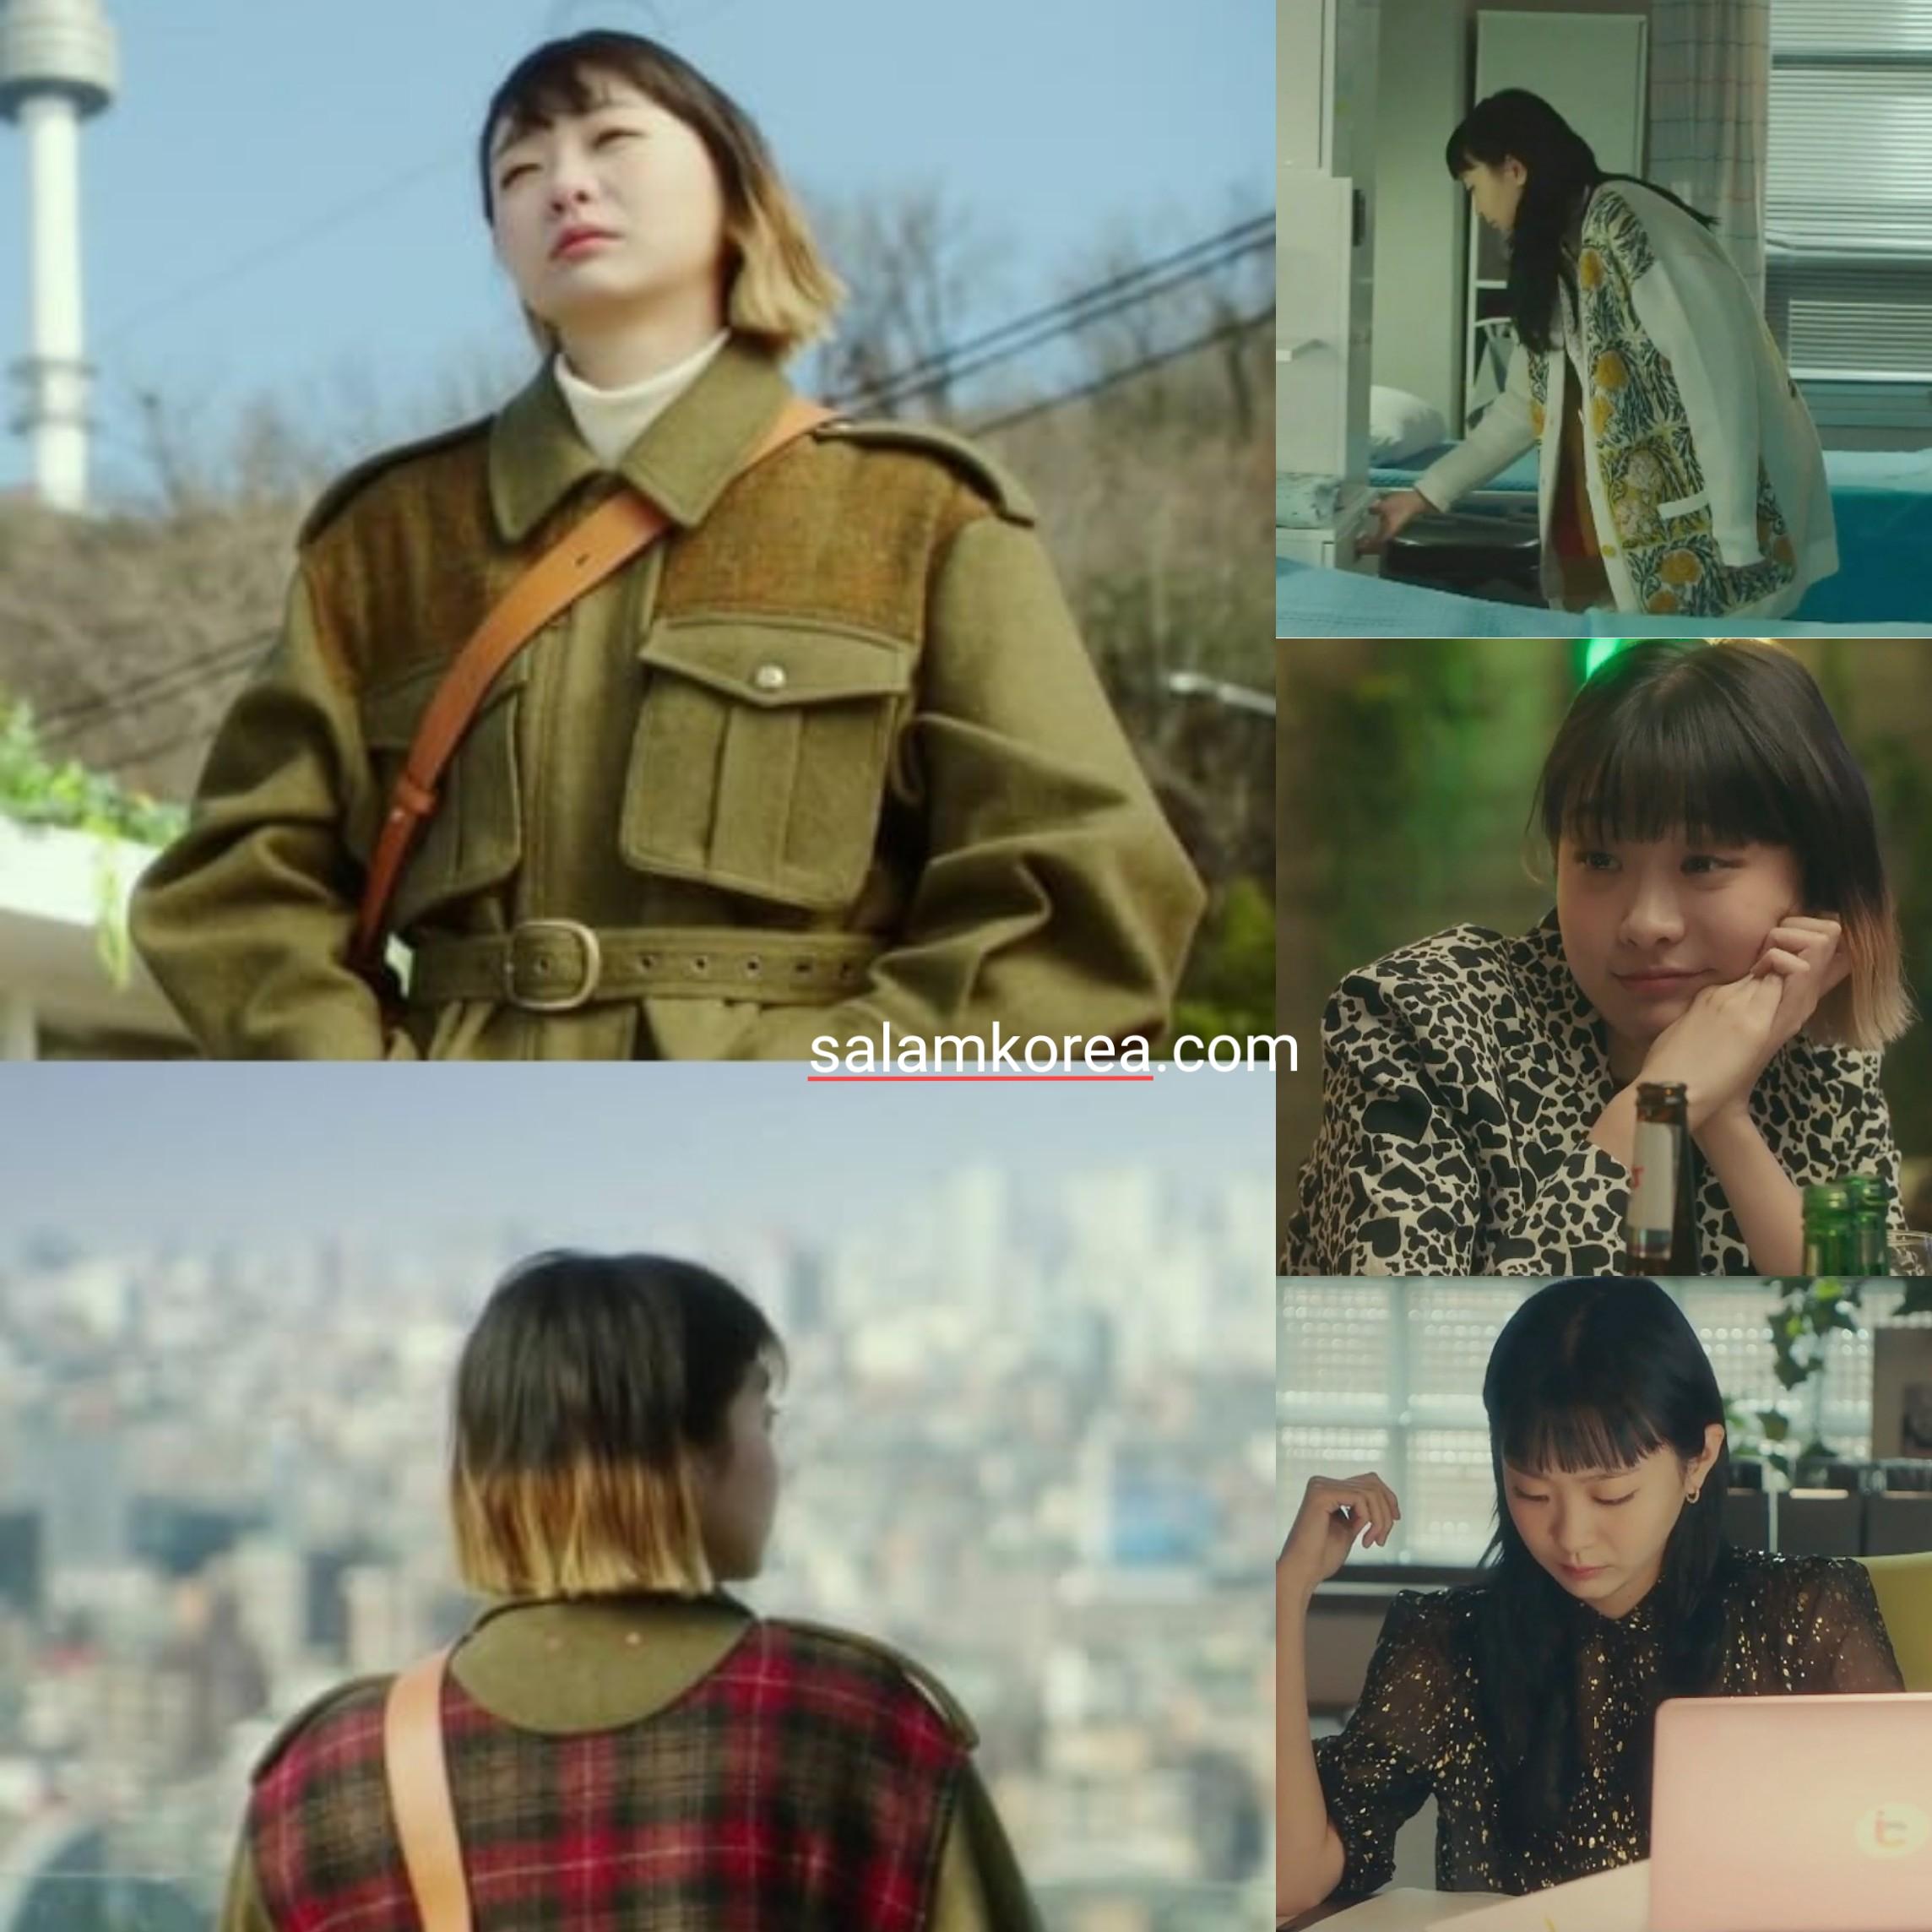 gaya-kim-da-mi-itaewon-class-salam-korea-4